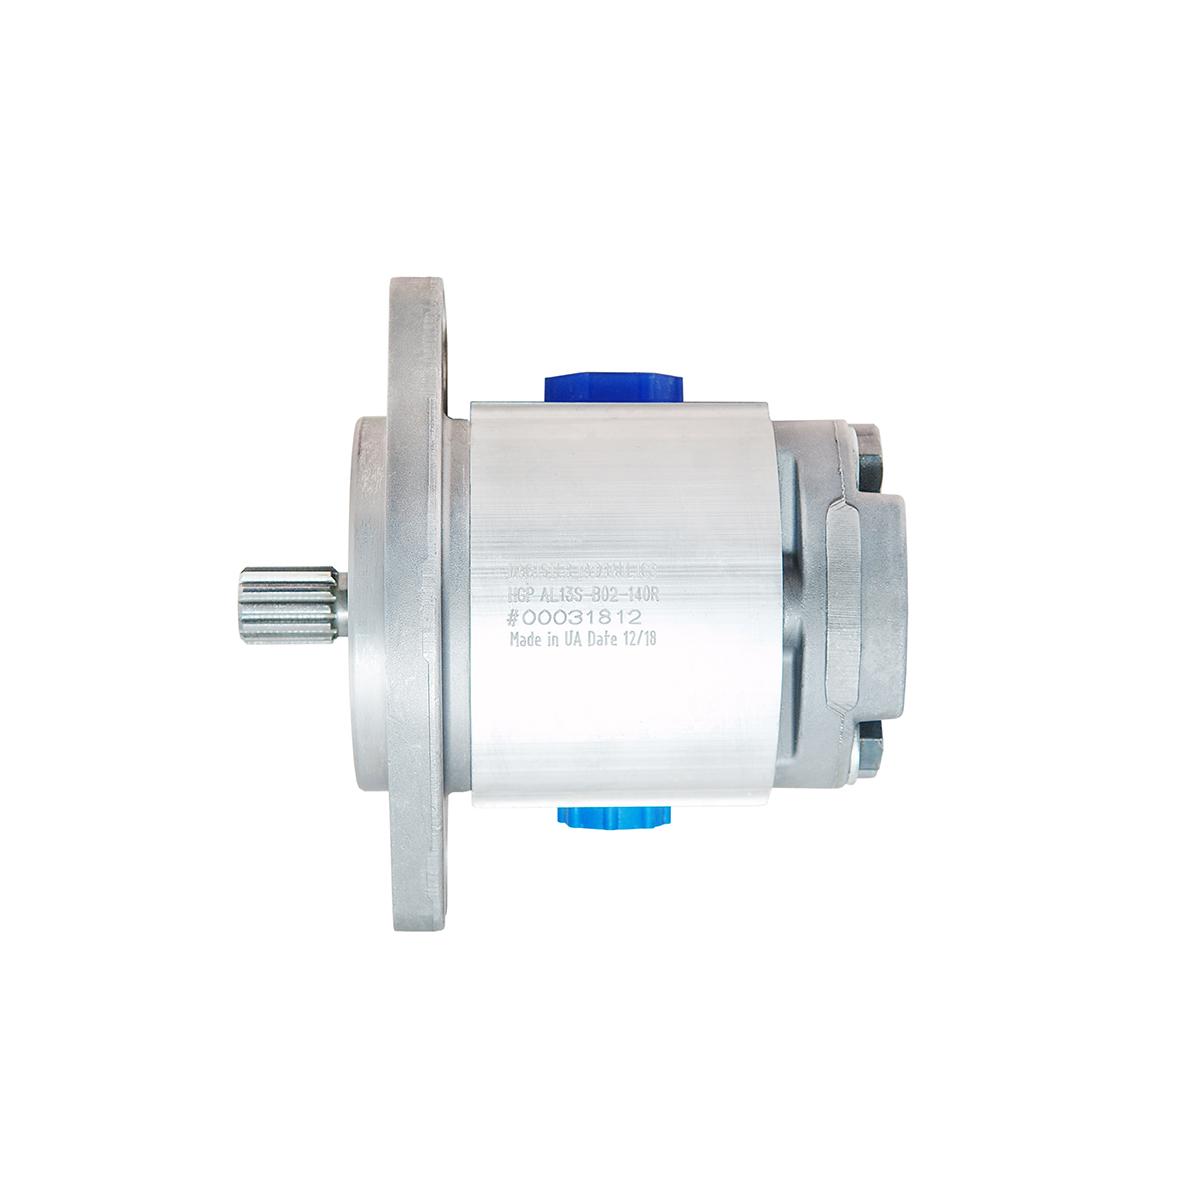 2.44 CID hydraulic gear pump, 13 tooth spline shaft clockwise gear pump | Magister Hydraulics